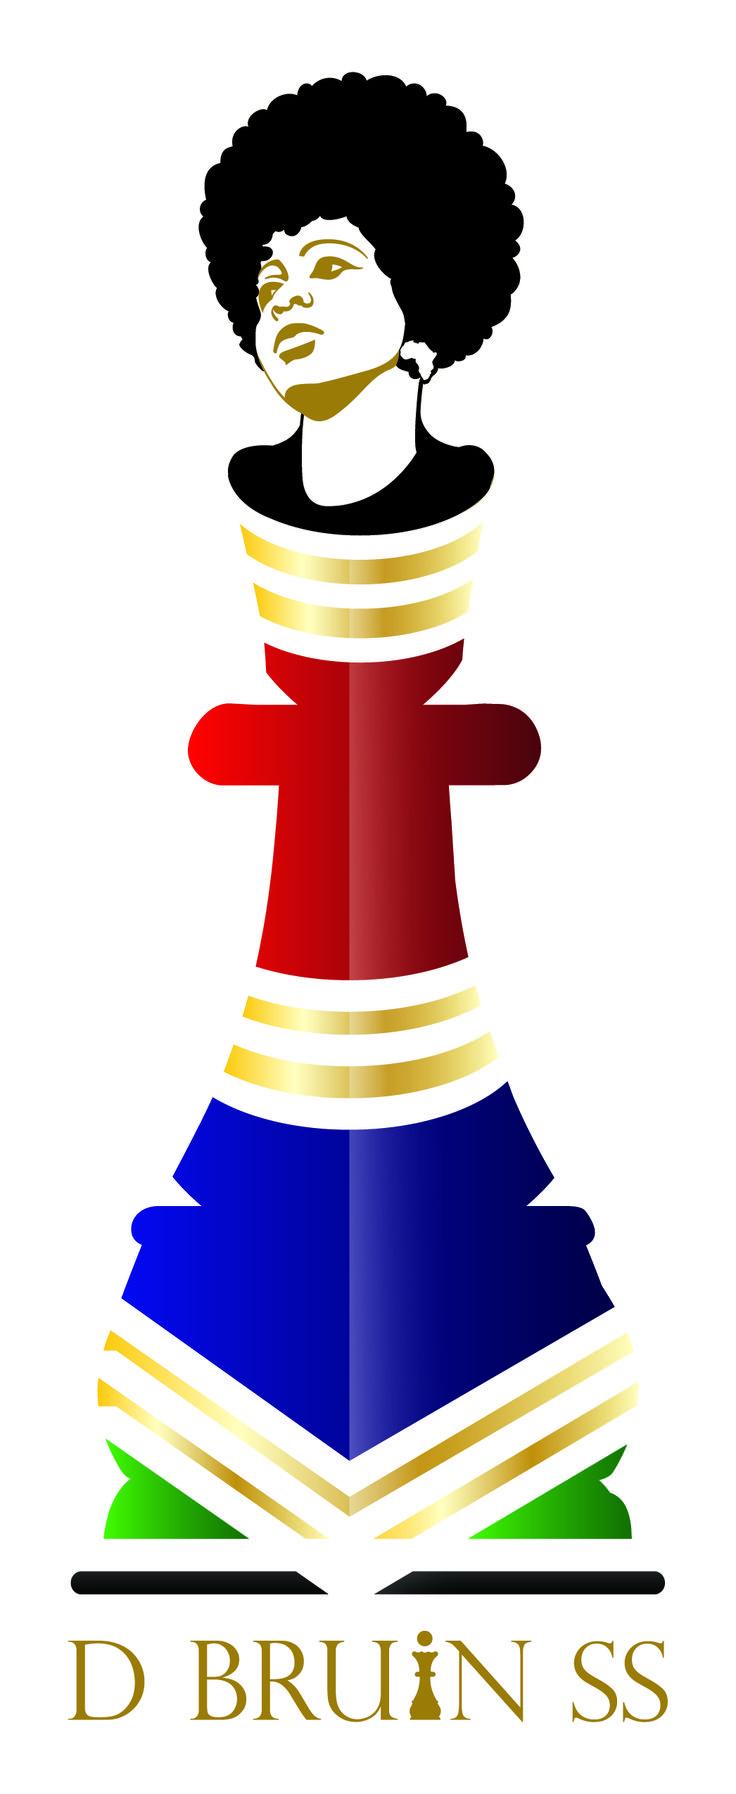 D Bruin SS #logo designed by Logo Design Company